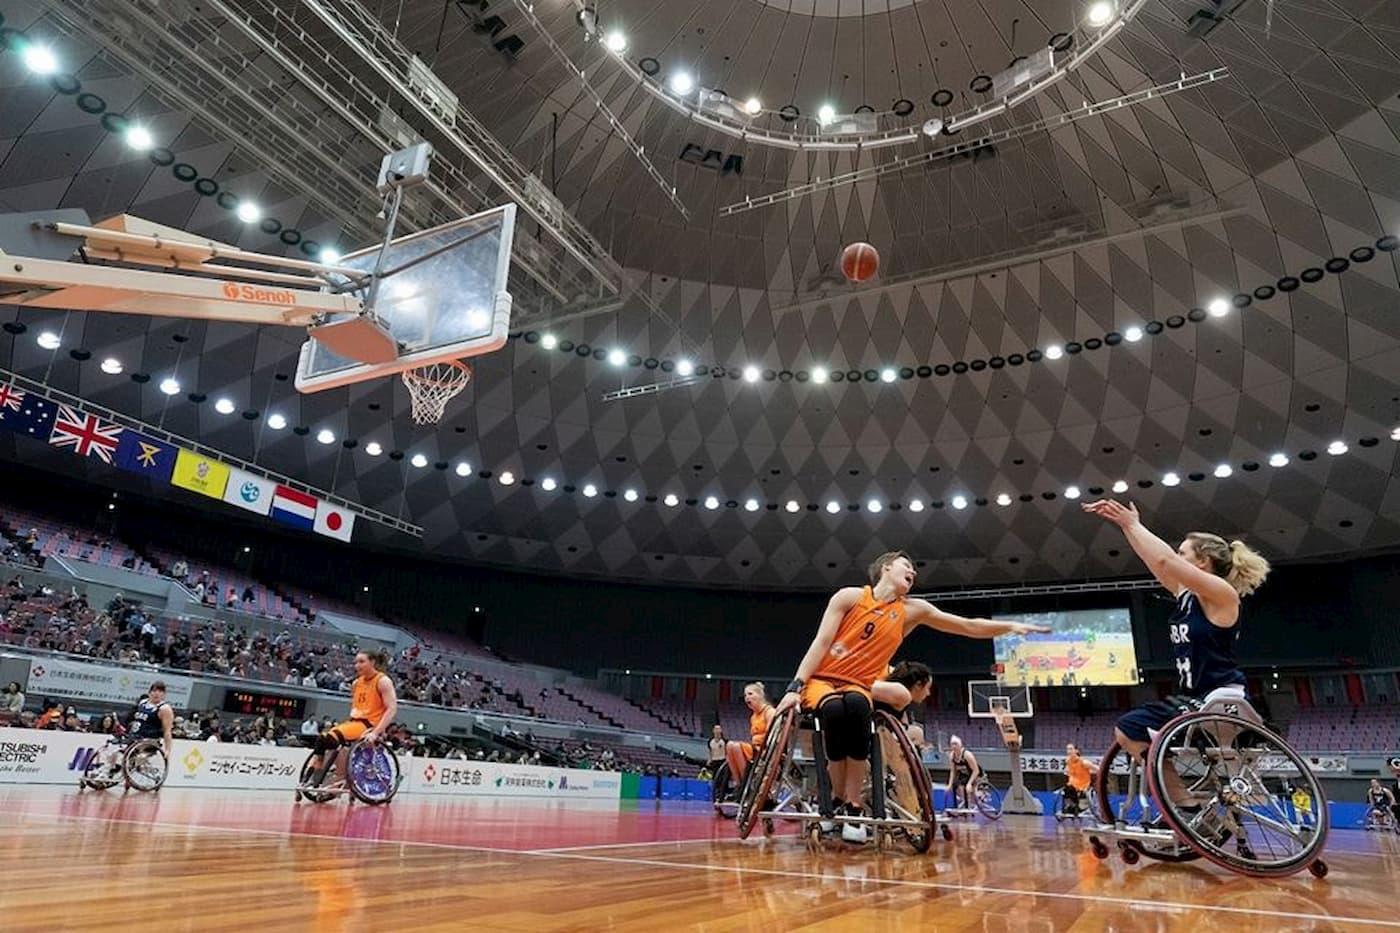 国際親善女子車いすバスケットボール大阪大会 | 大阪(丸善インテックアリーナ大阪)